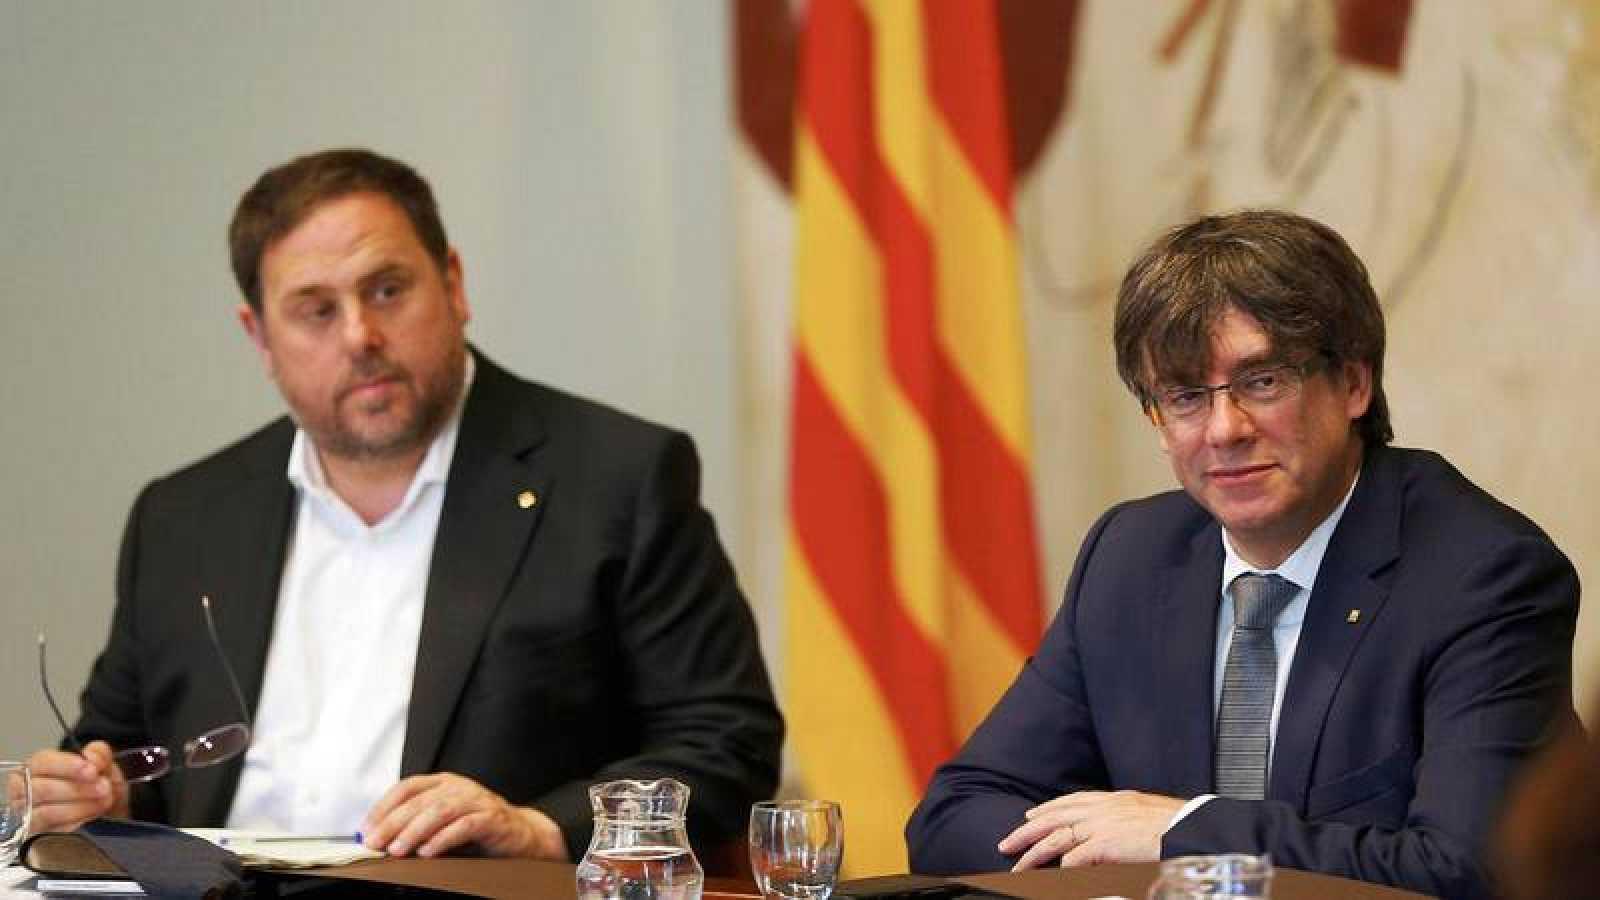 El presidente de la Generalitat catalana, Carles Puigdemont, y su vicepresidente, Oriol Junqueras (i).